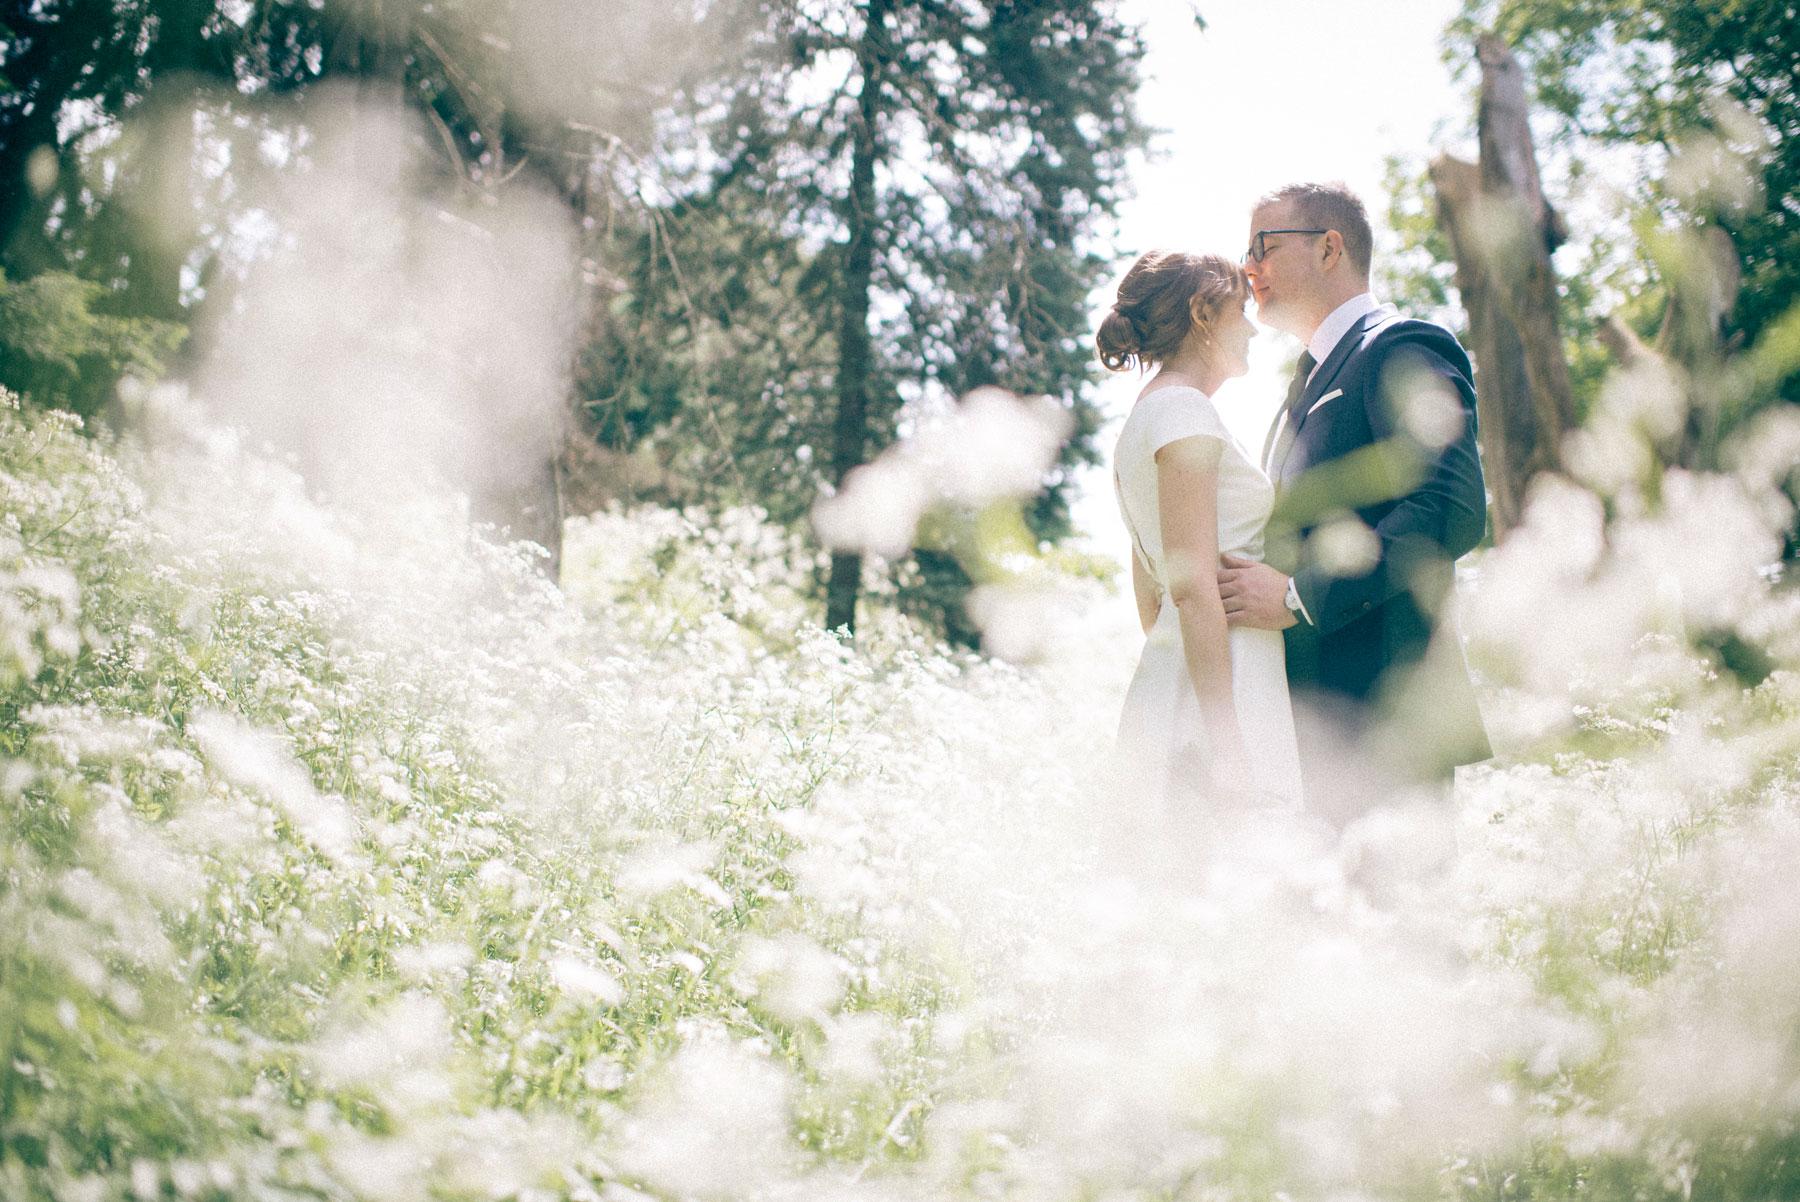 par som akkurat har giftet seg ser på hverandre i botanisk hage